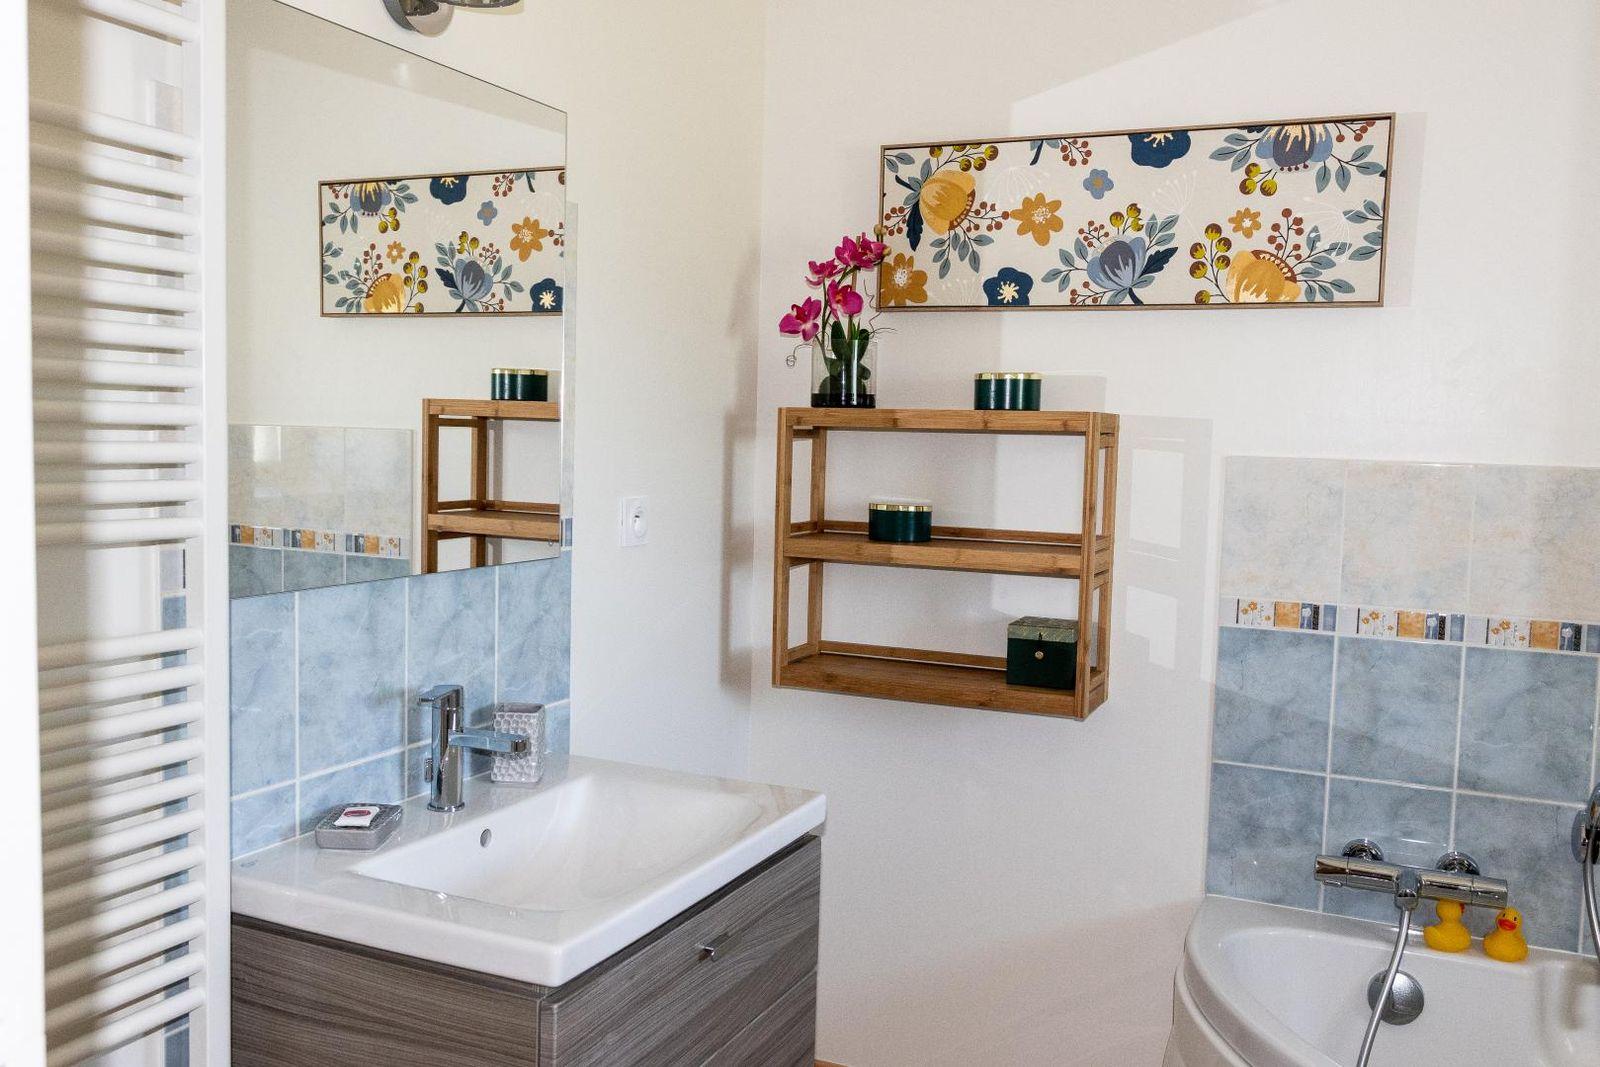 salle de bain étage équipée d'un meuble vasque, une baignoire et une douche